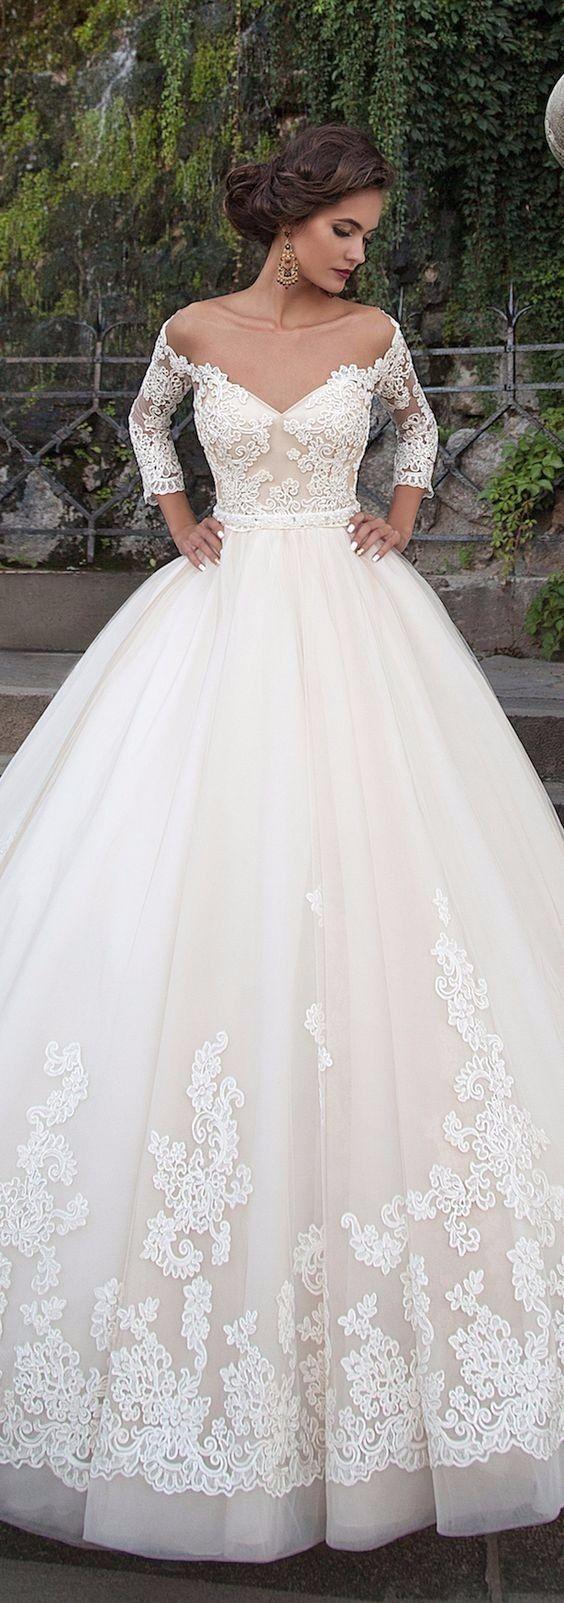 49ee89d2014 Robe de mariée Milla Nova   princesse en dentelle avec manches longues Plus